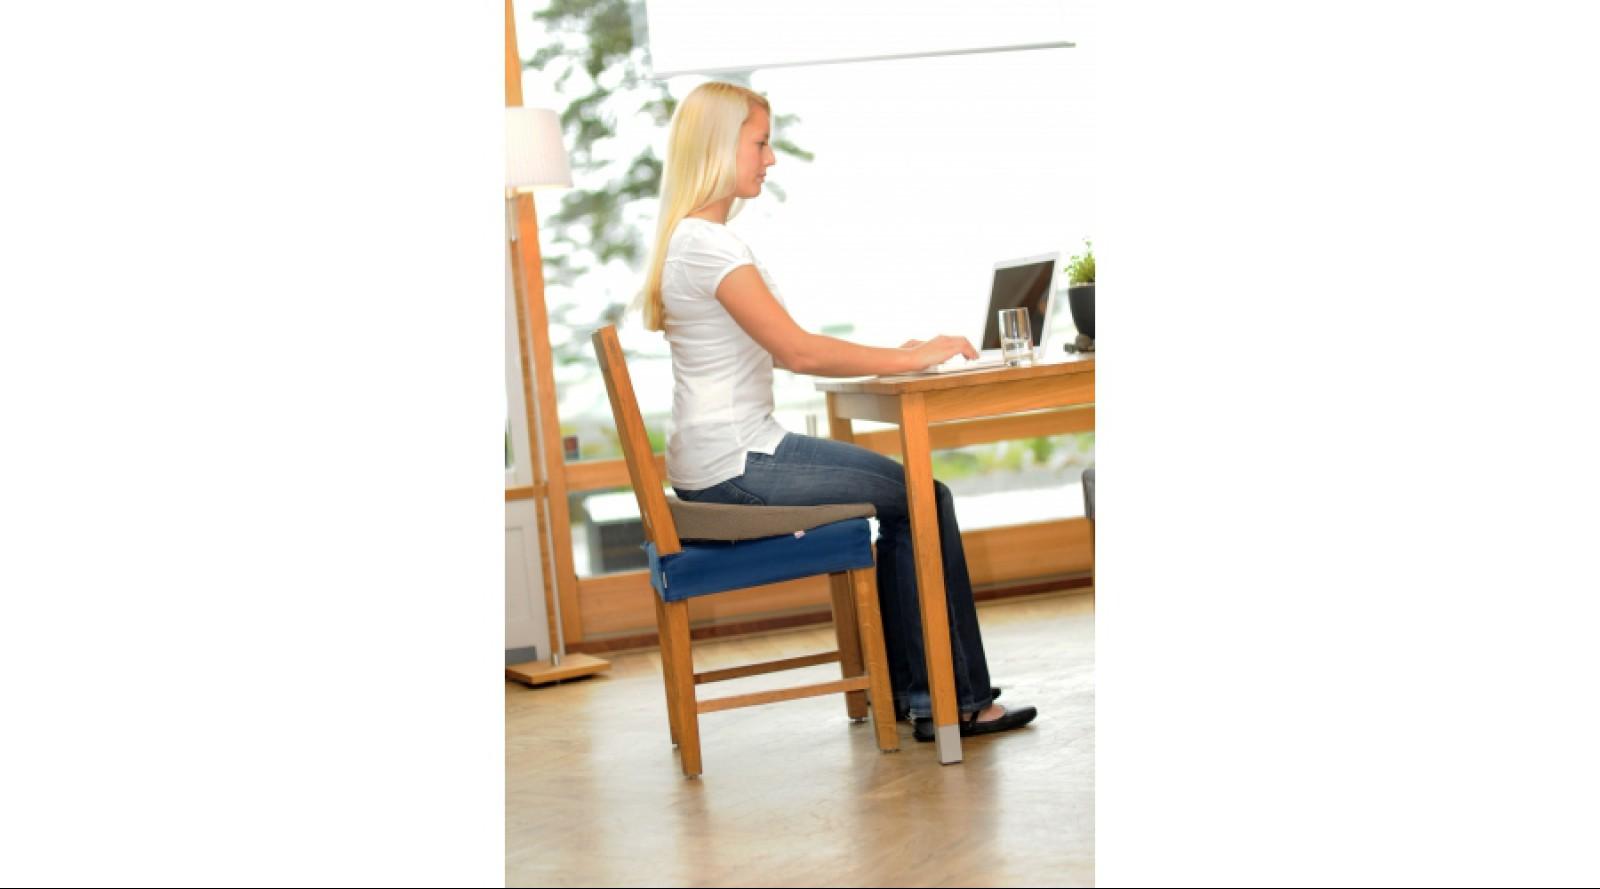 SISSEL Sit Special anatómiai ülőpárna (2in1) - Ülőpárna Gyógyászati ... 6408e9848f